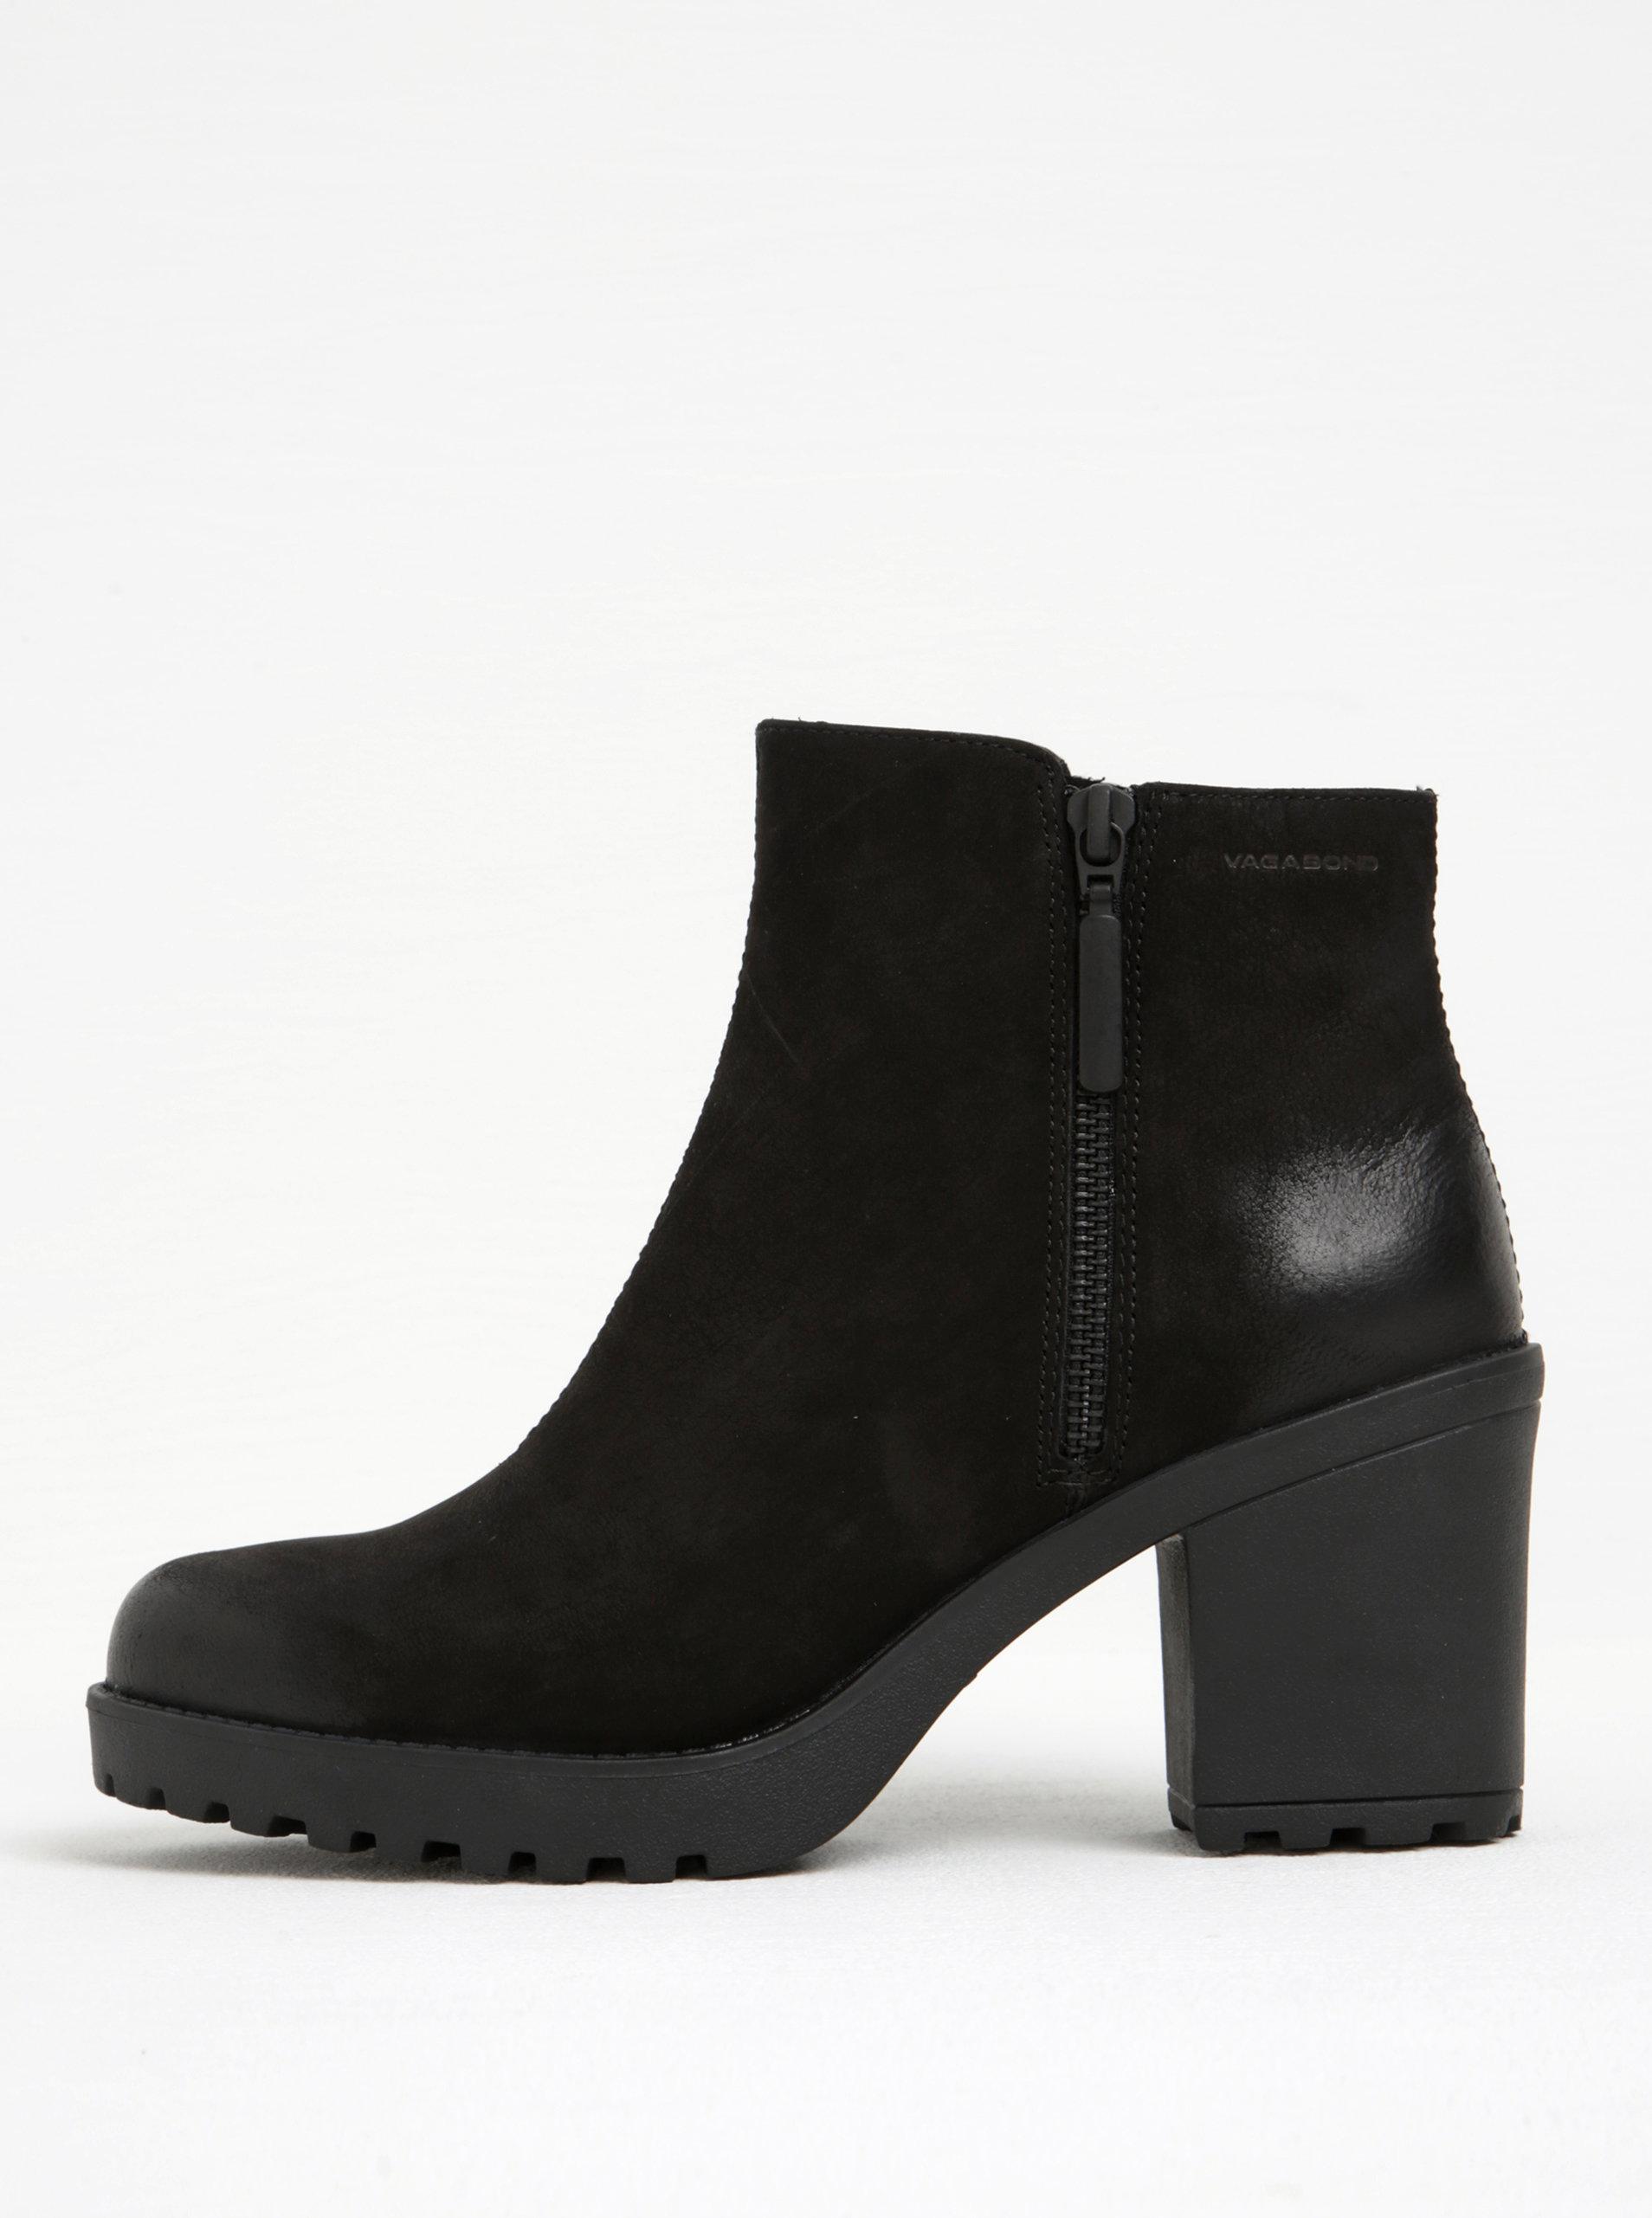 Černé dámské kožené kotníkové boty na širokém podpatku Vagabond Grace ... 8a0911174a